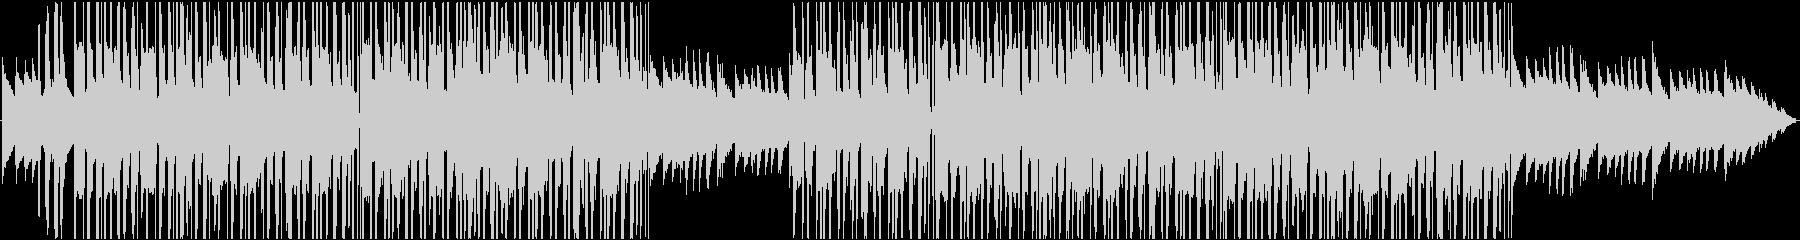 イージーヒップホップクラブアーバンの未再生の波形